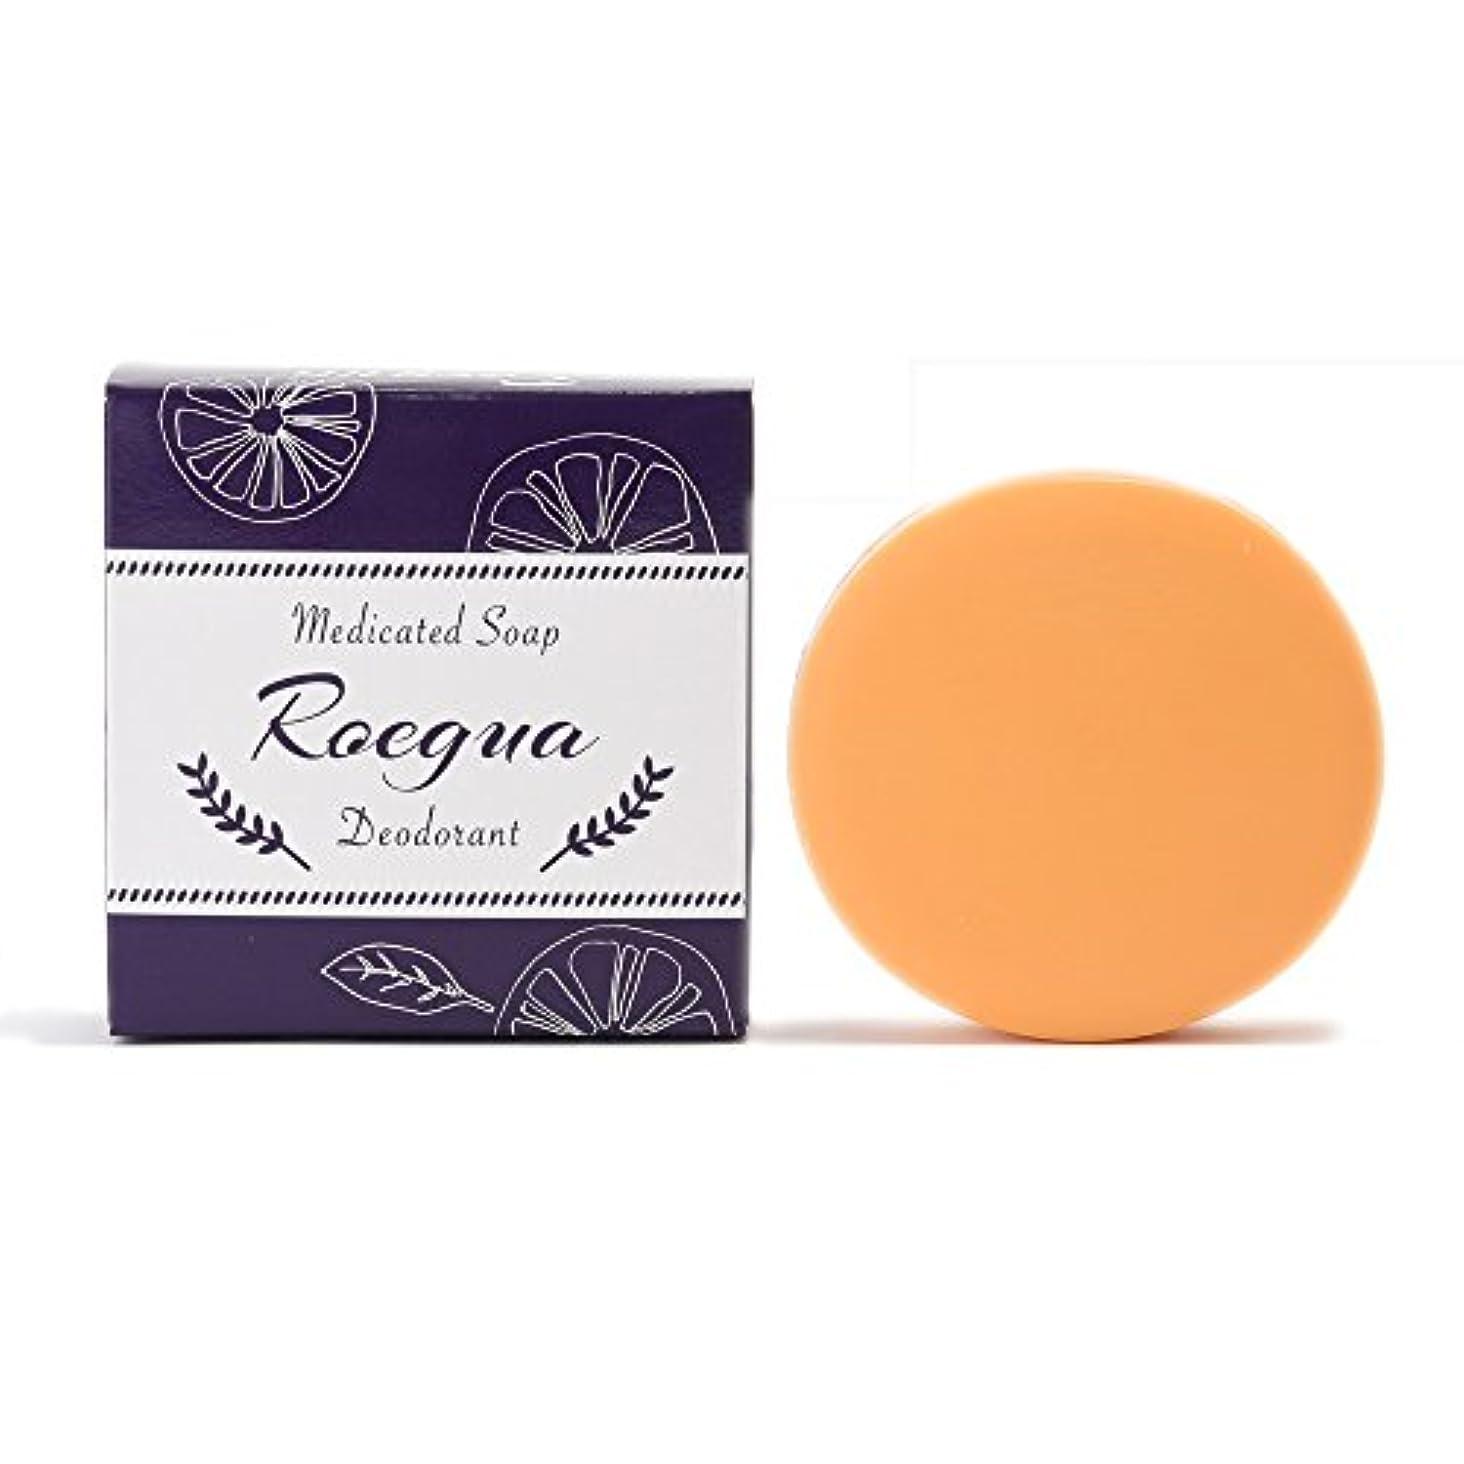 思い出す夜分注するロエグア ワキガ消臭石鹸 80g